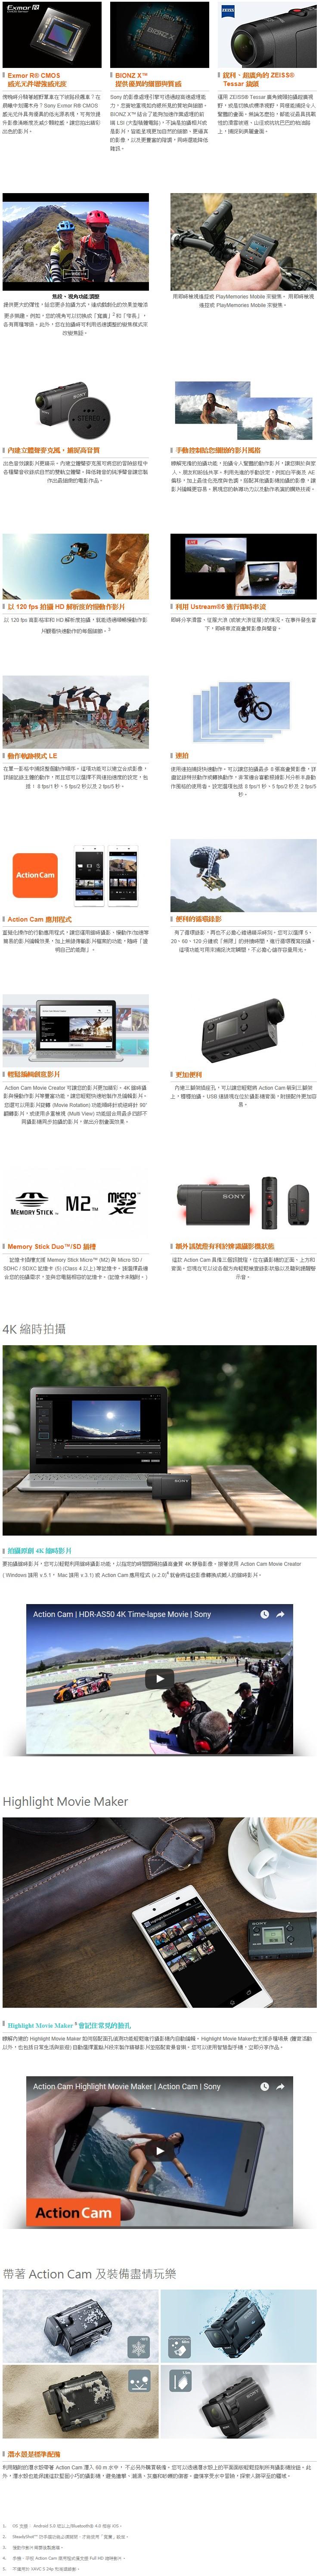 HDR-AS50R-02.jpg